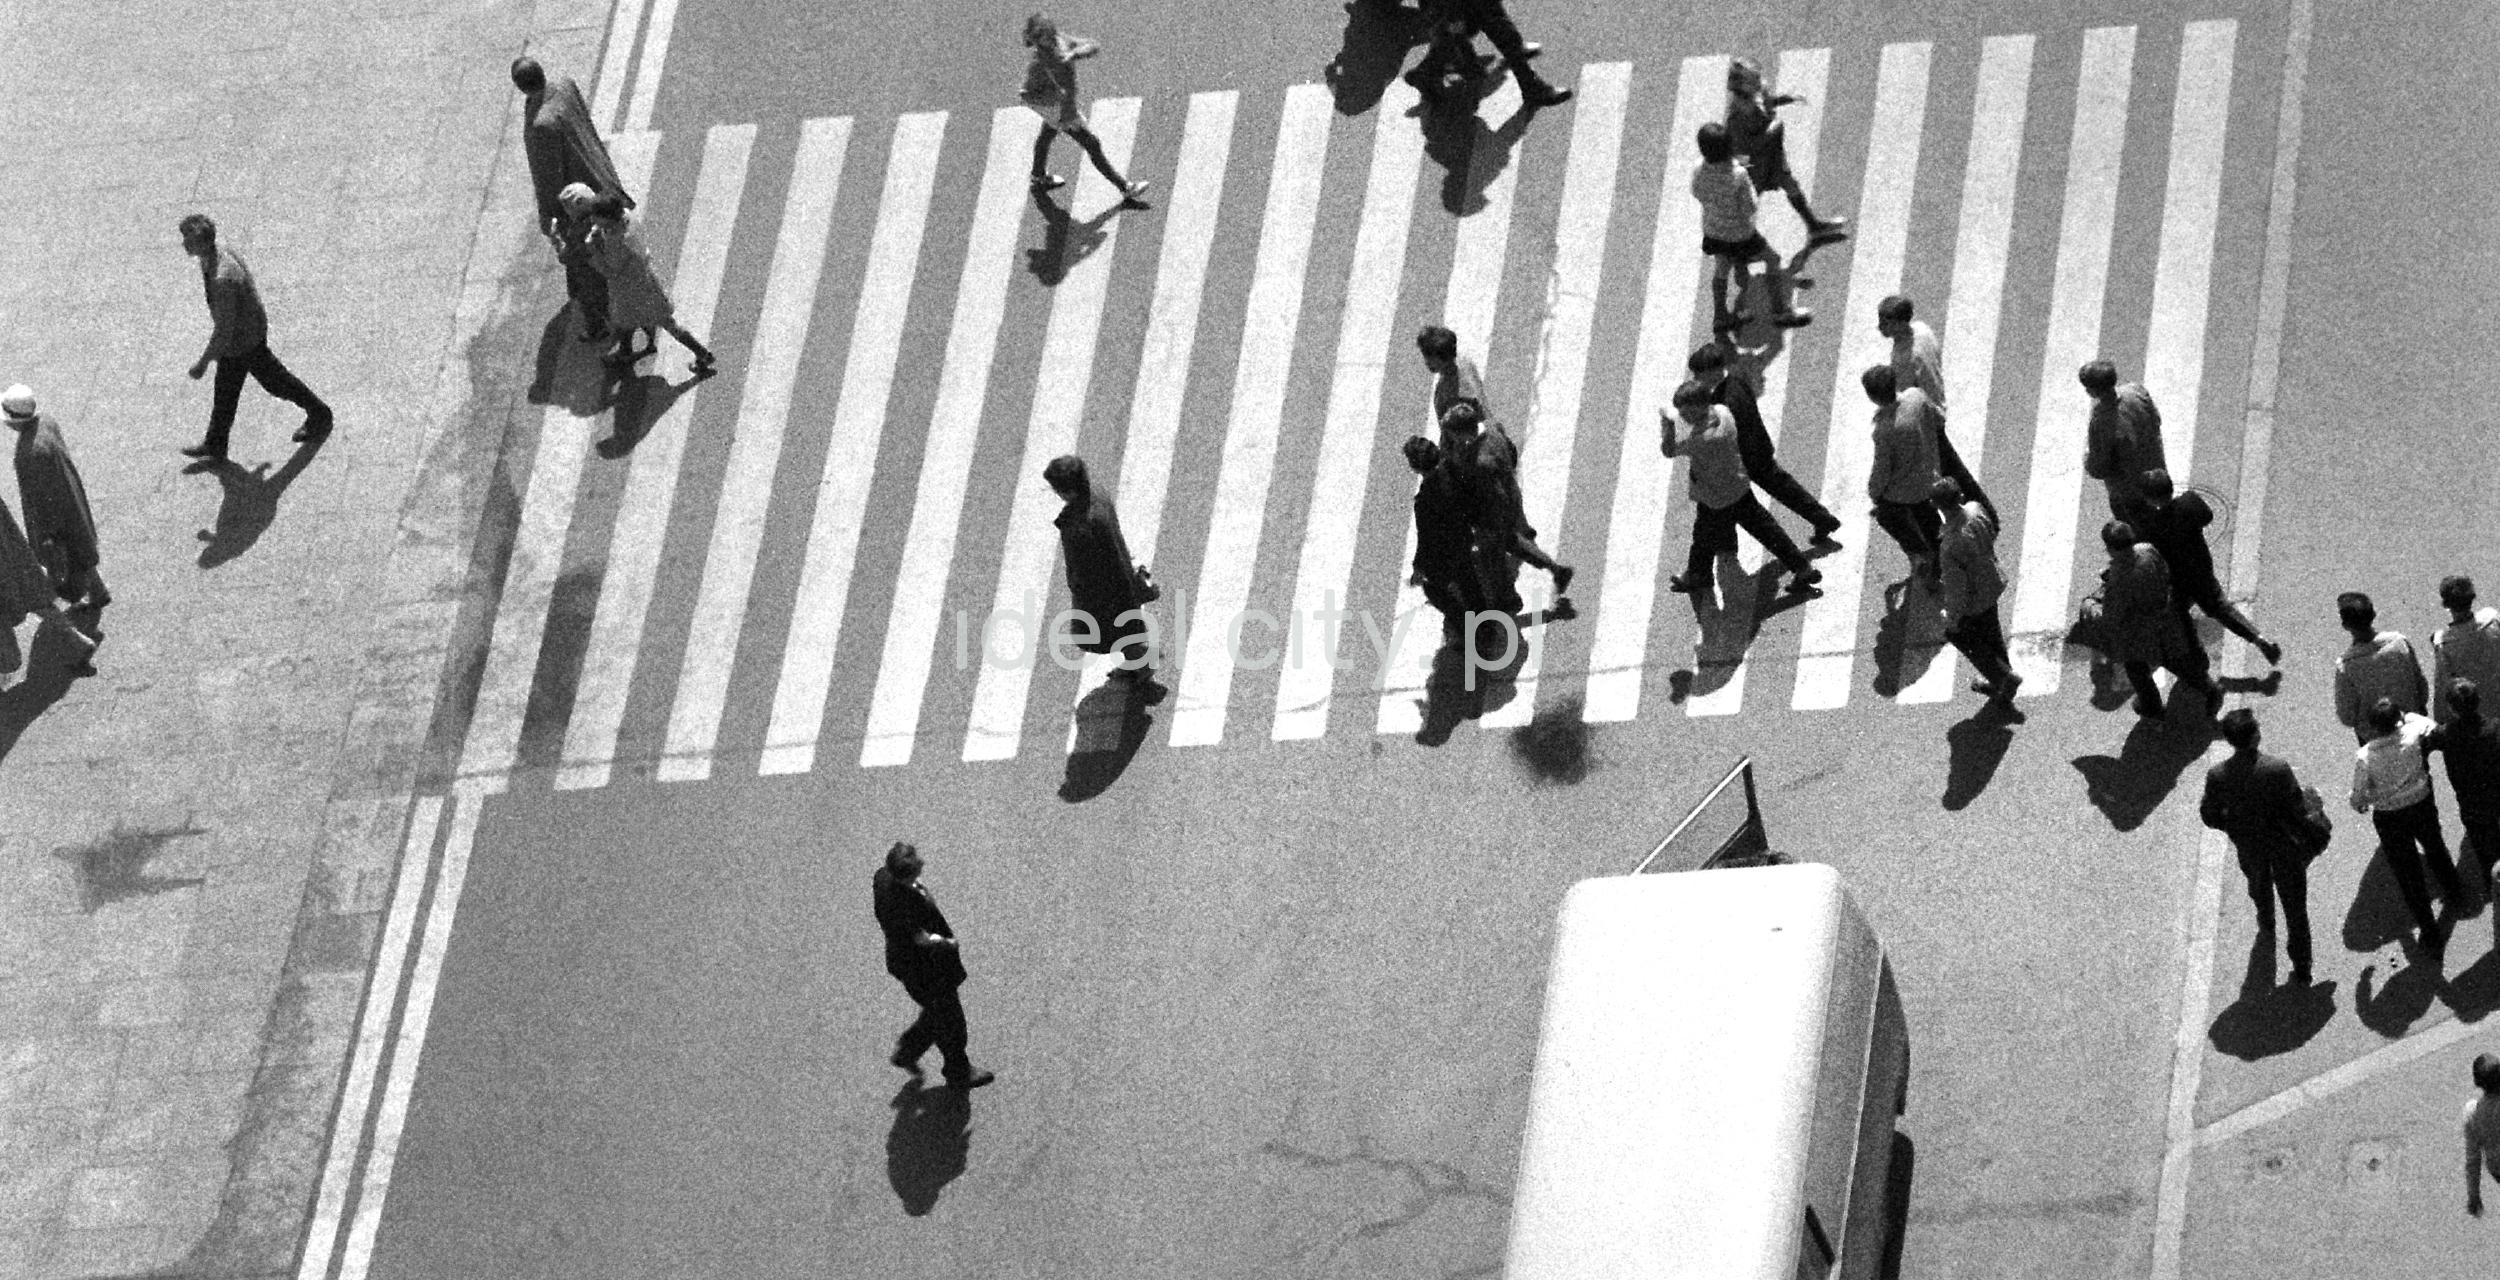 Ujęcie z góry na sylwetki osób przechodzących przez przejście dla pieszych, tuż przy nim widoczny tył mikrobusa z otwartymi tylnymi drzwiami.